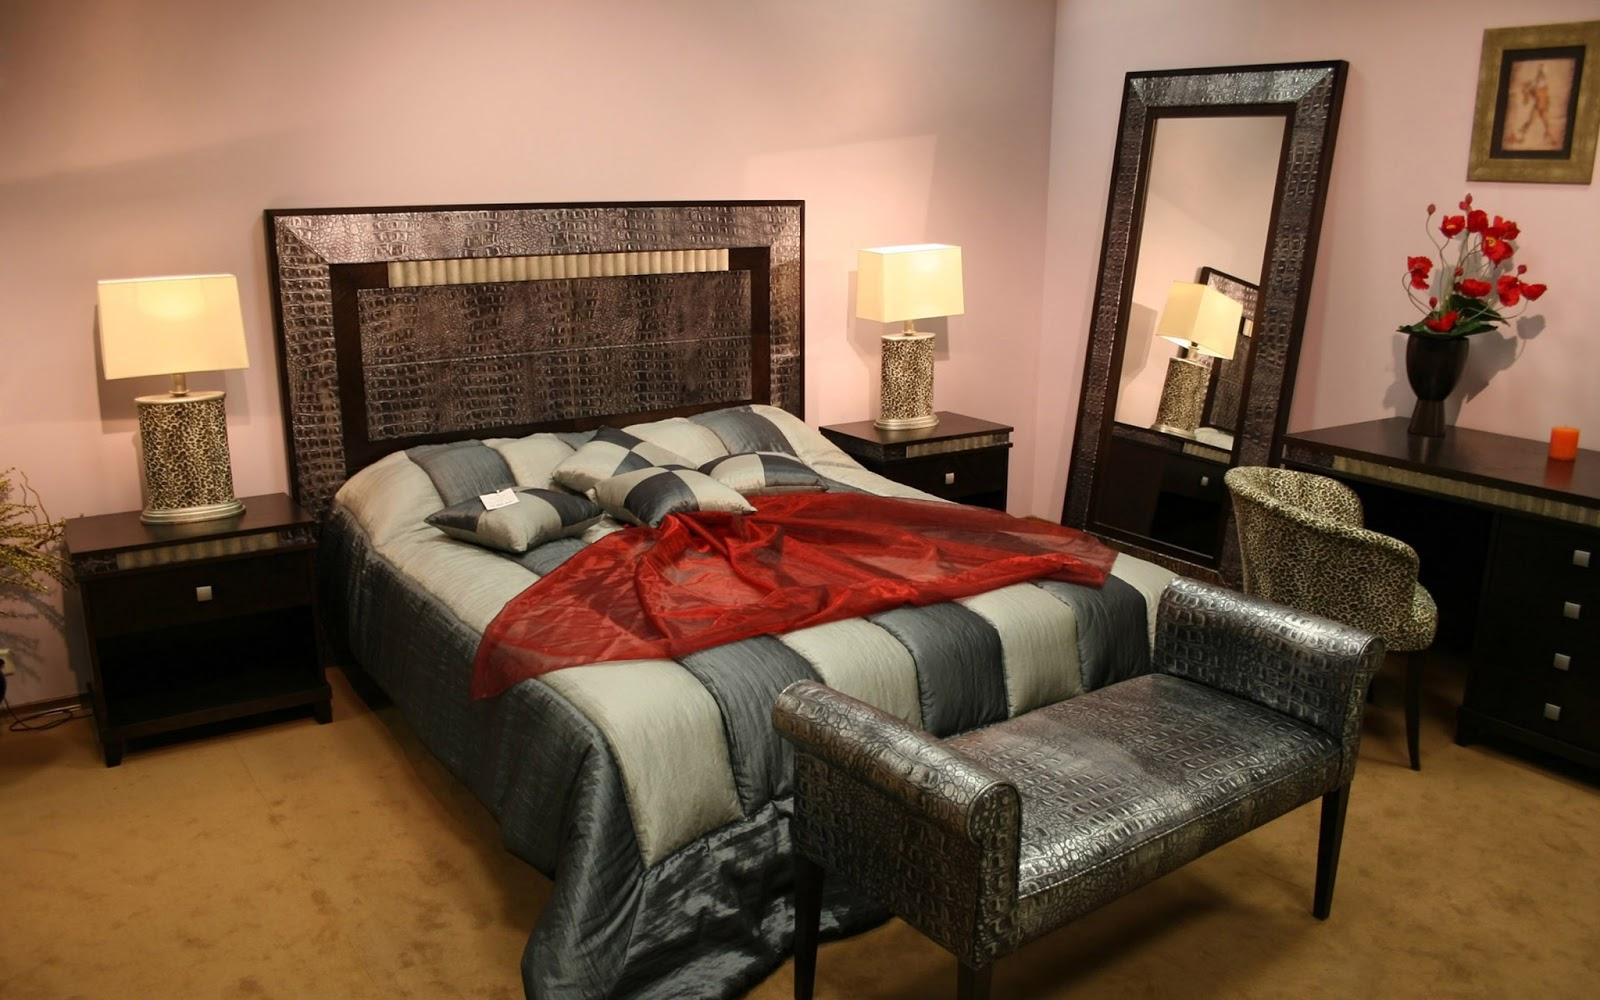 http://2.bp.blogspot.com/-tDpMHRUcR-8/UPI5tFqIXaI/AAAAAAAADbE/hbsUYVQY2xc/s1600/Bedroom%2BDesign%2BWallpapers.jpg